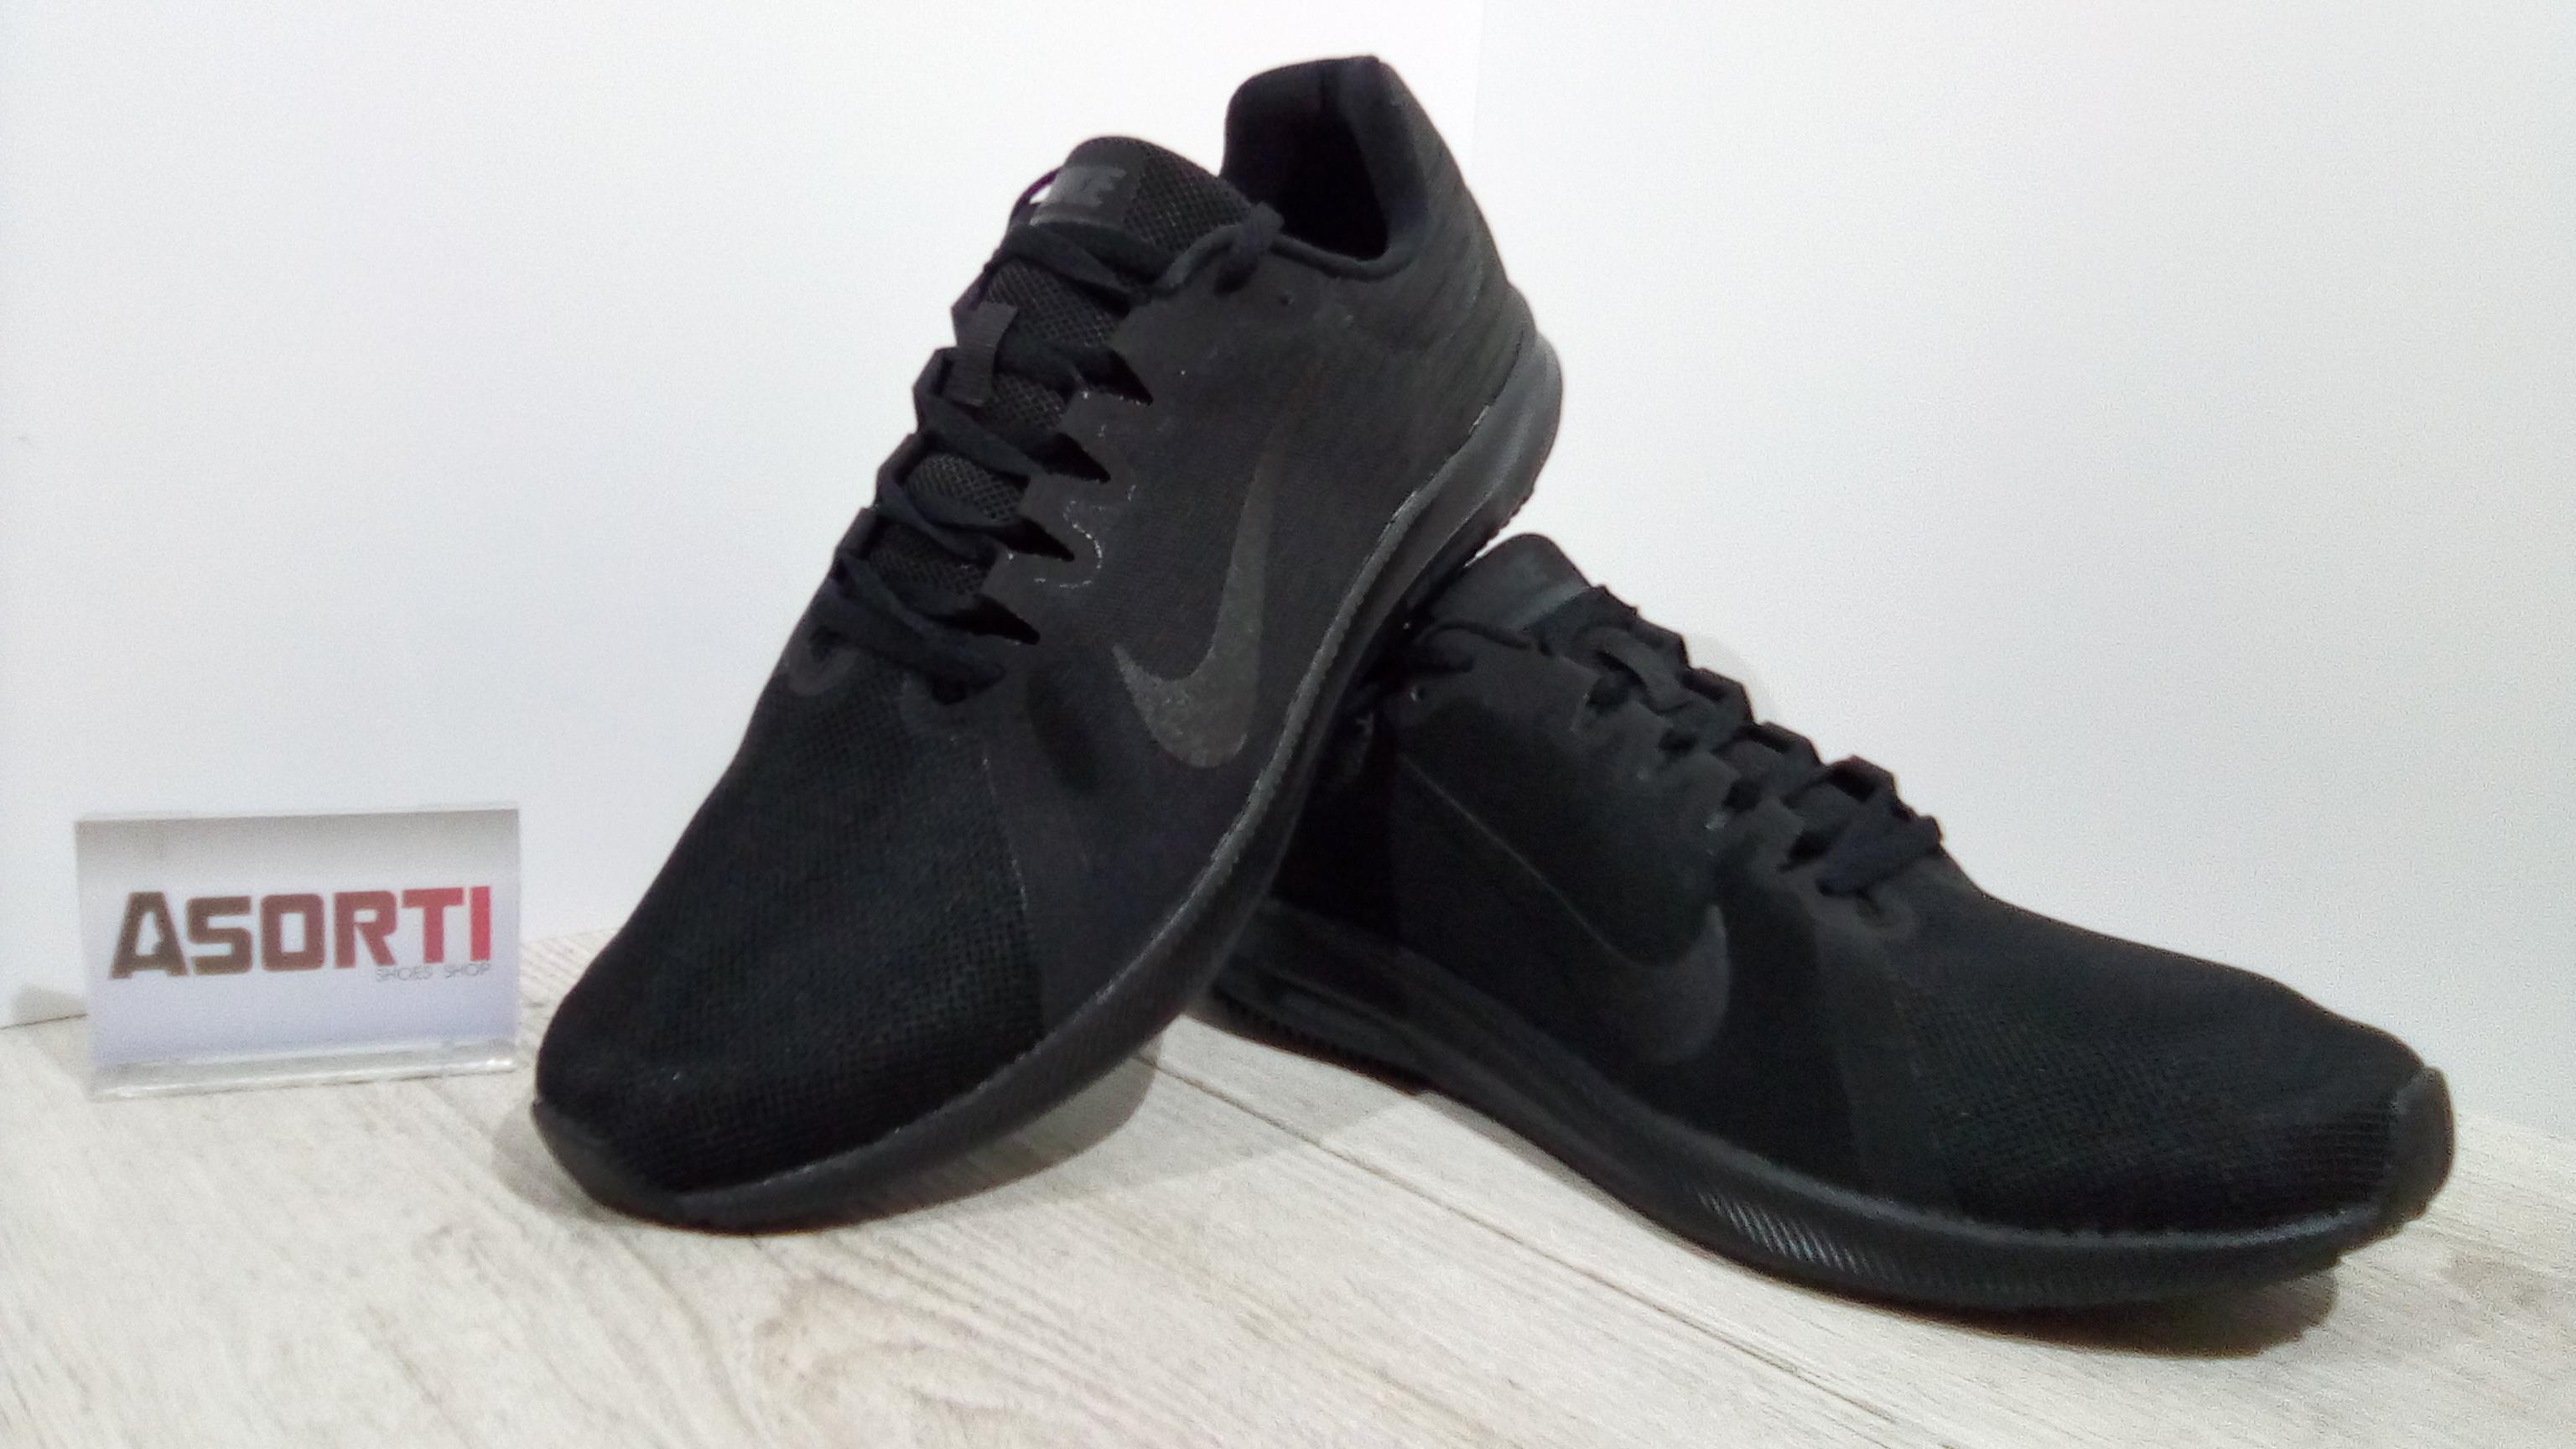 dcaa92a3876b4e Чоловічі бігові кросівки Nike Downshifter 8 (908984-002) чорні ...